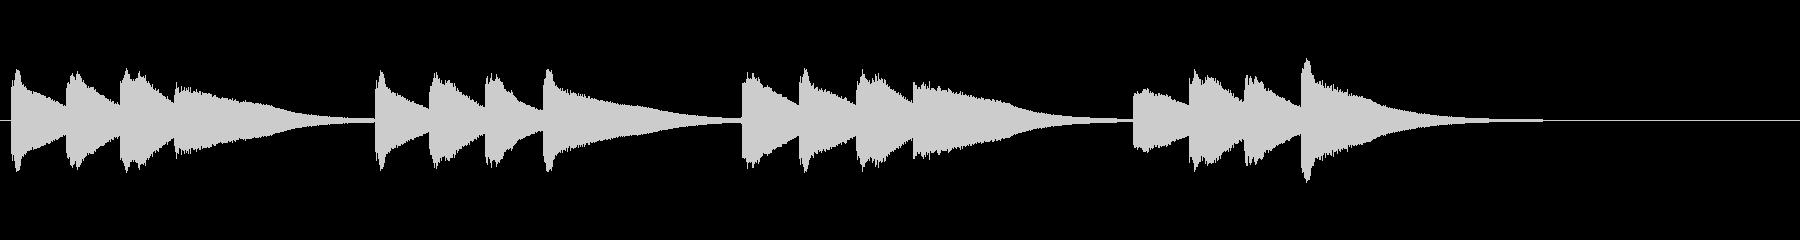 学校のチャイム/キンコンカンコン/鐘の未再生の波形